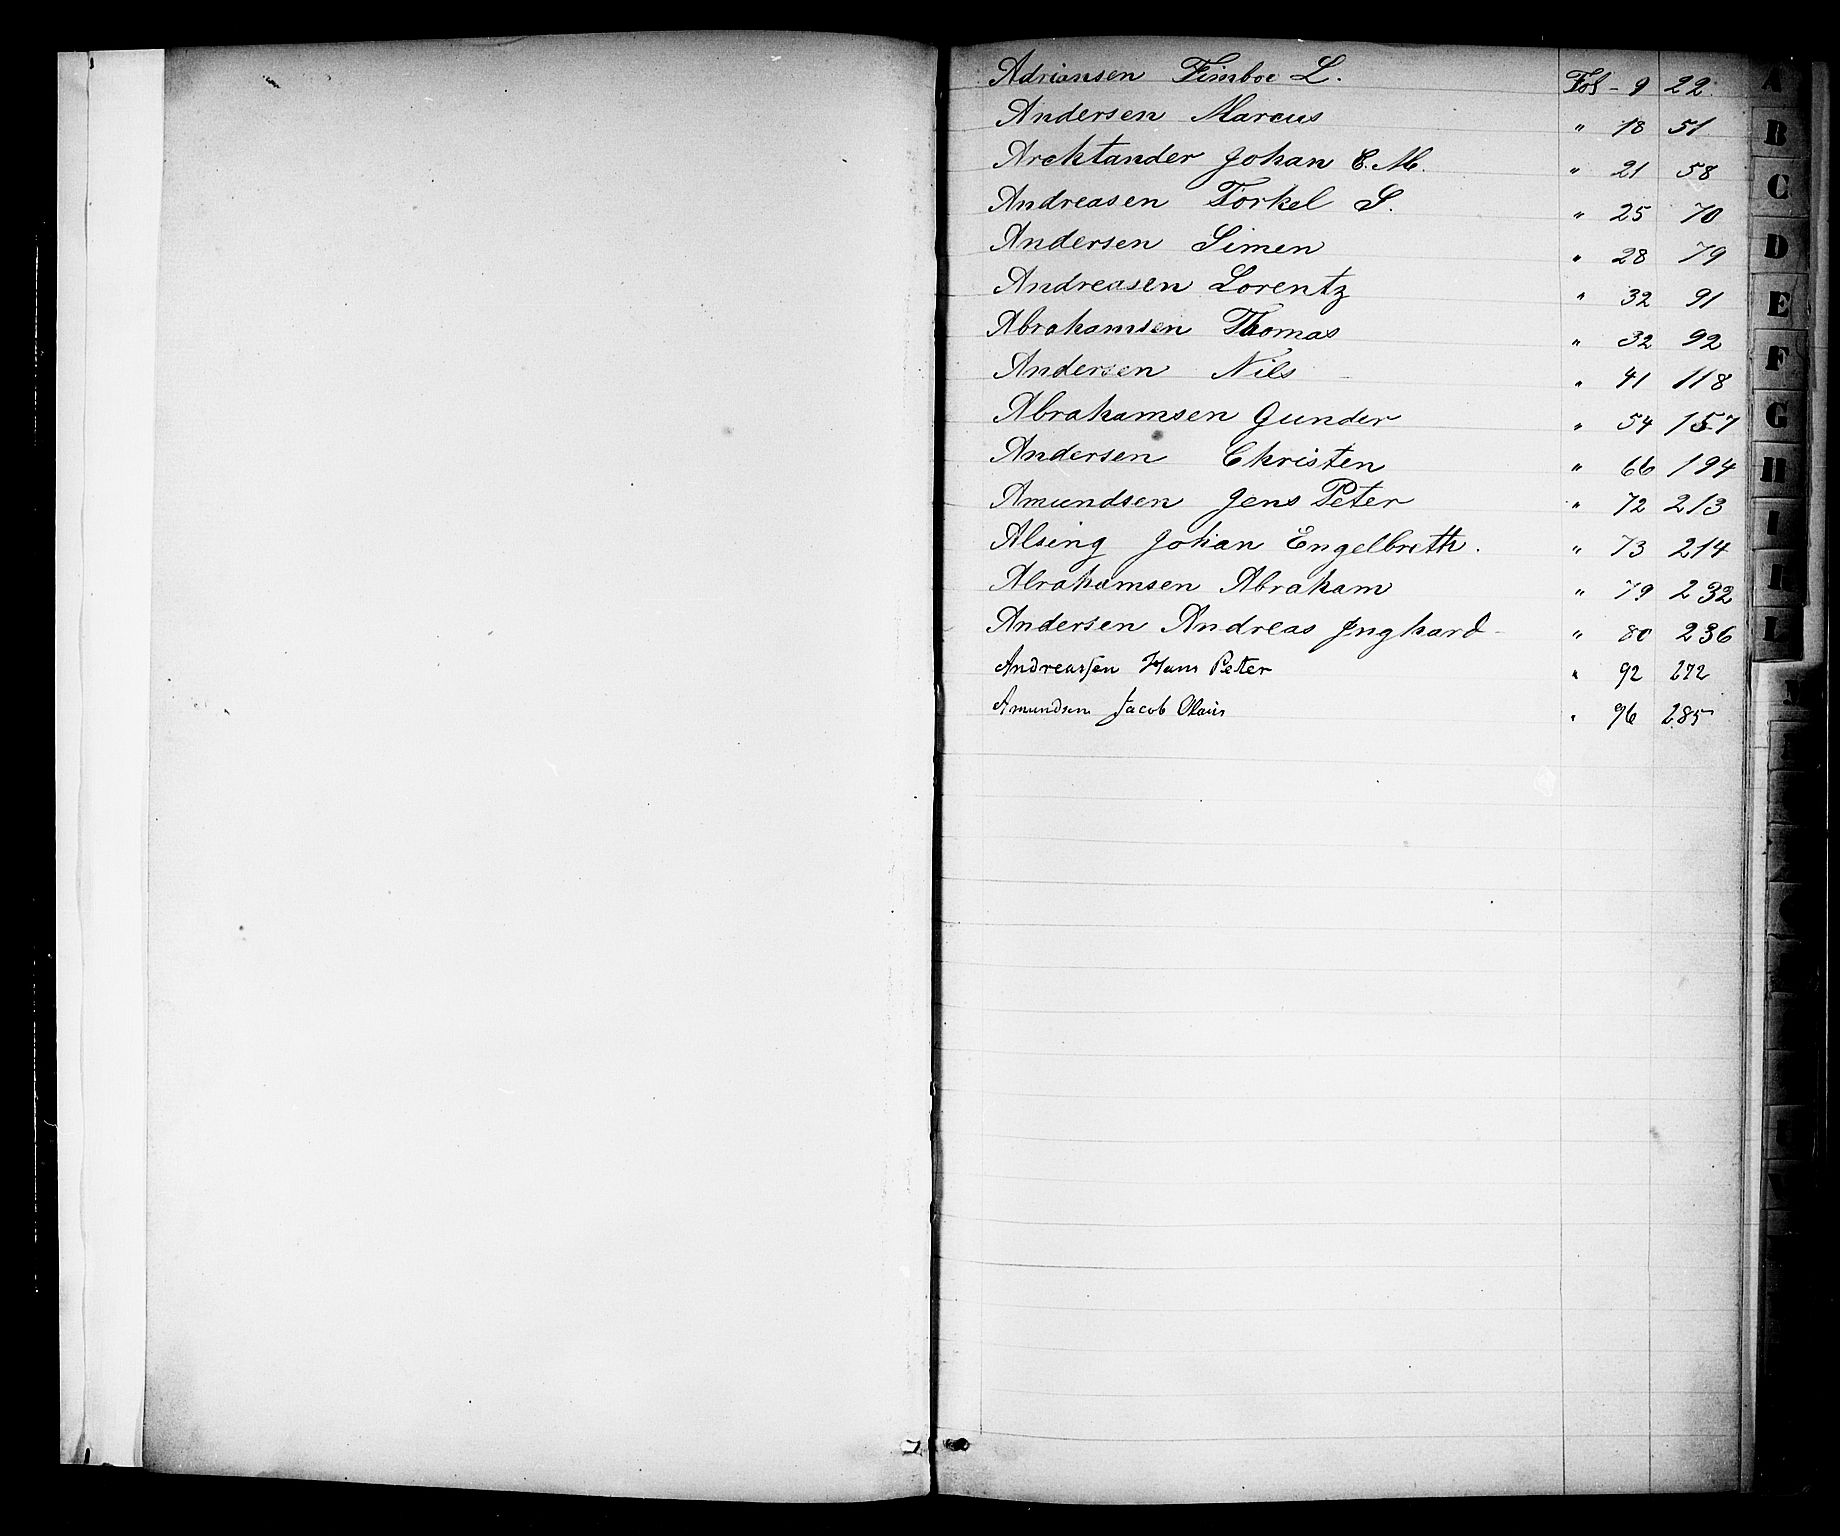 SAKO, Kragerø innrulleringskontor, F/Fd/L0001: Skipper- og styrmannsrulle, 1860-1868, s. 4